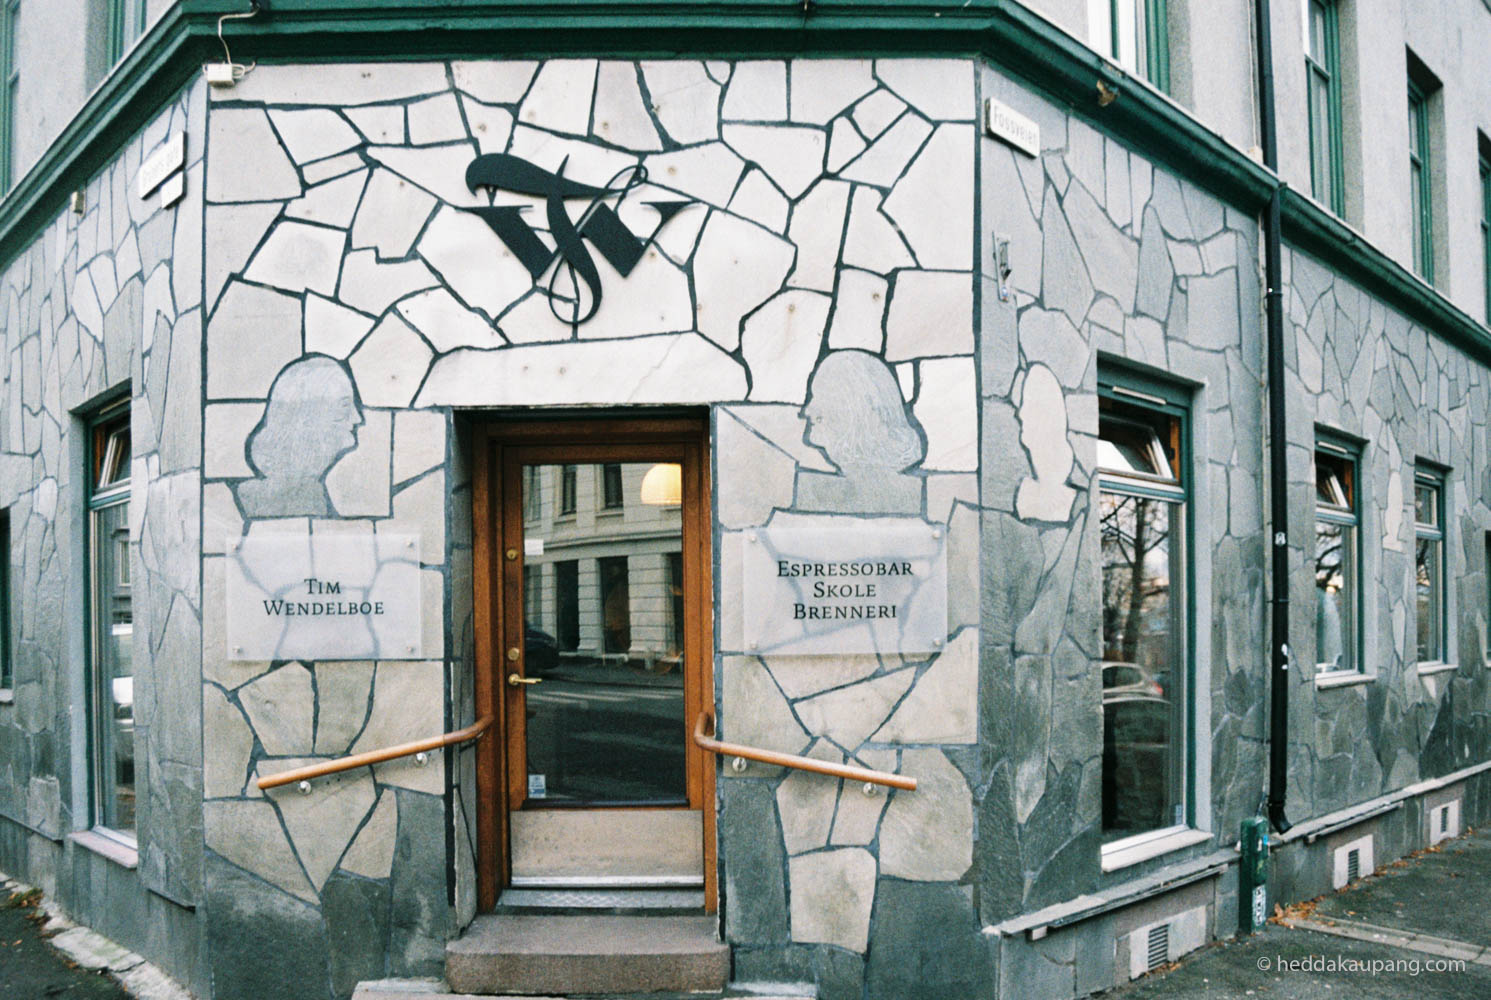 Fasaden til Tim Wendelboe